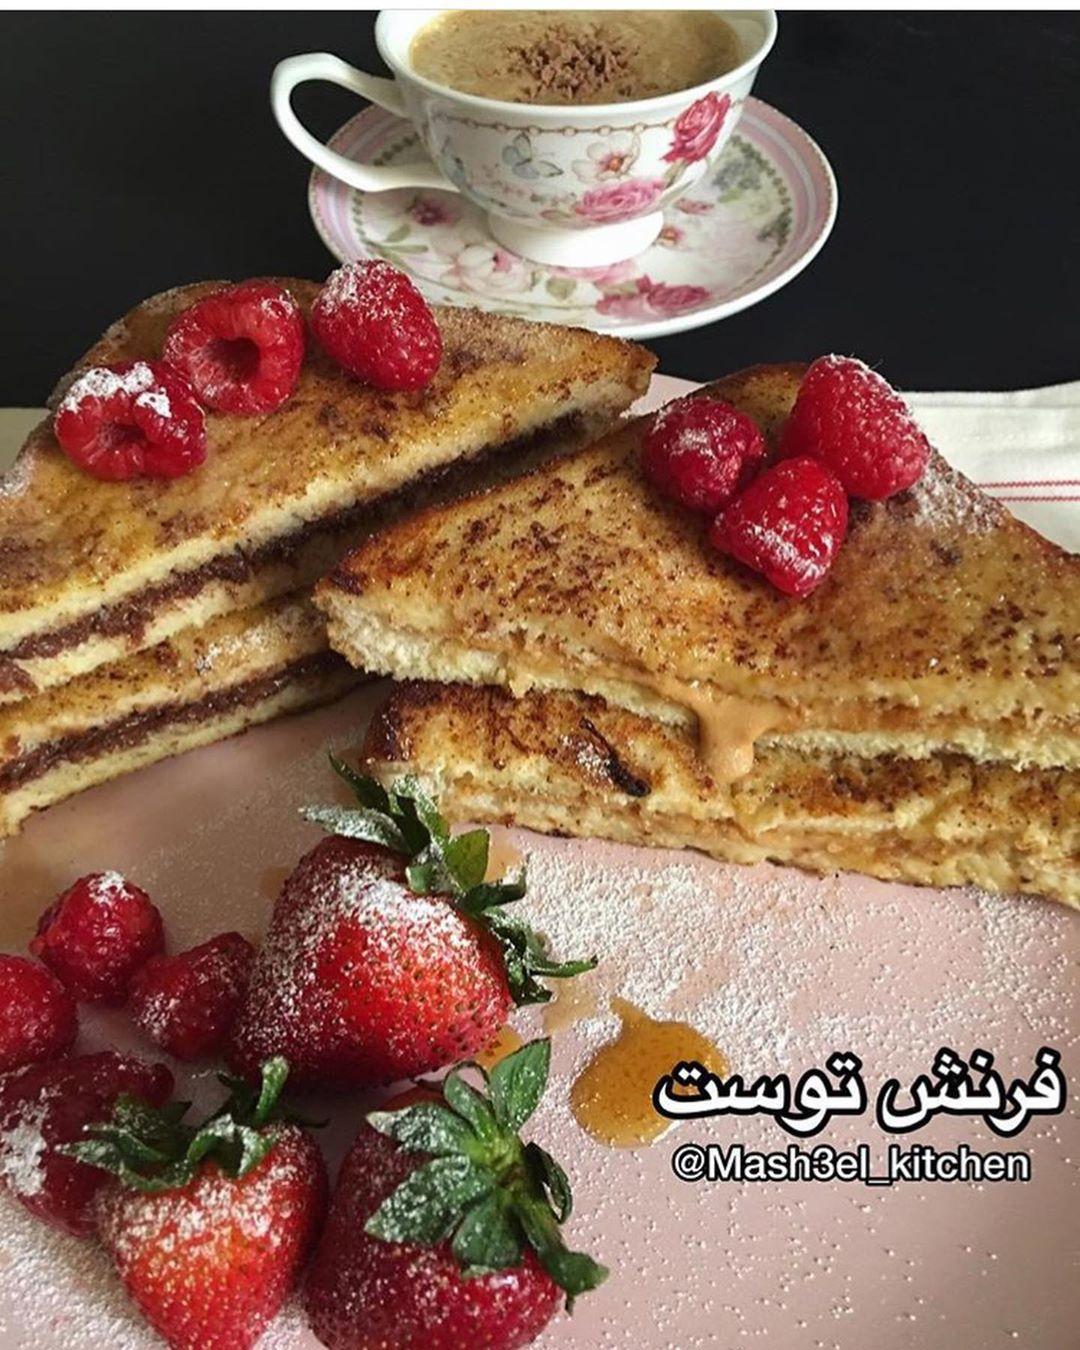 طبخات رمضانية On Instagram فرنش توست طريقة سهلة ولذيذة وشهية الفطور الفرنسي Mash3el Kitchen Reem Kitchen22 الطريقة يقطع الصامول Food Yummy Food Yummy